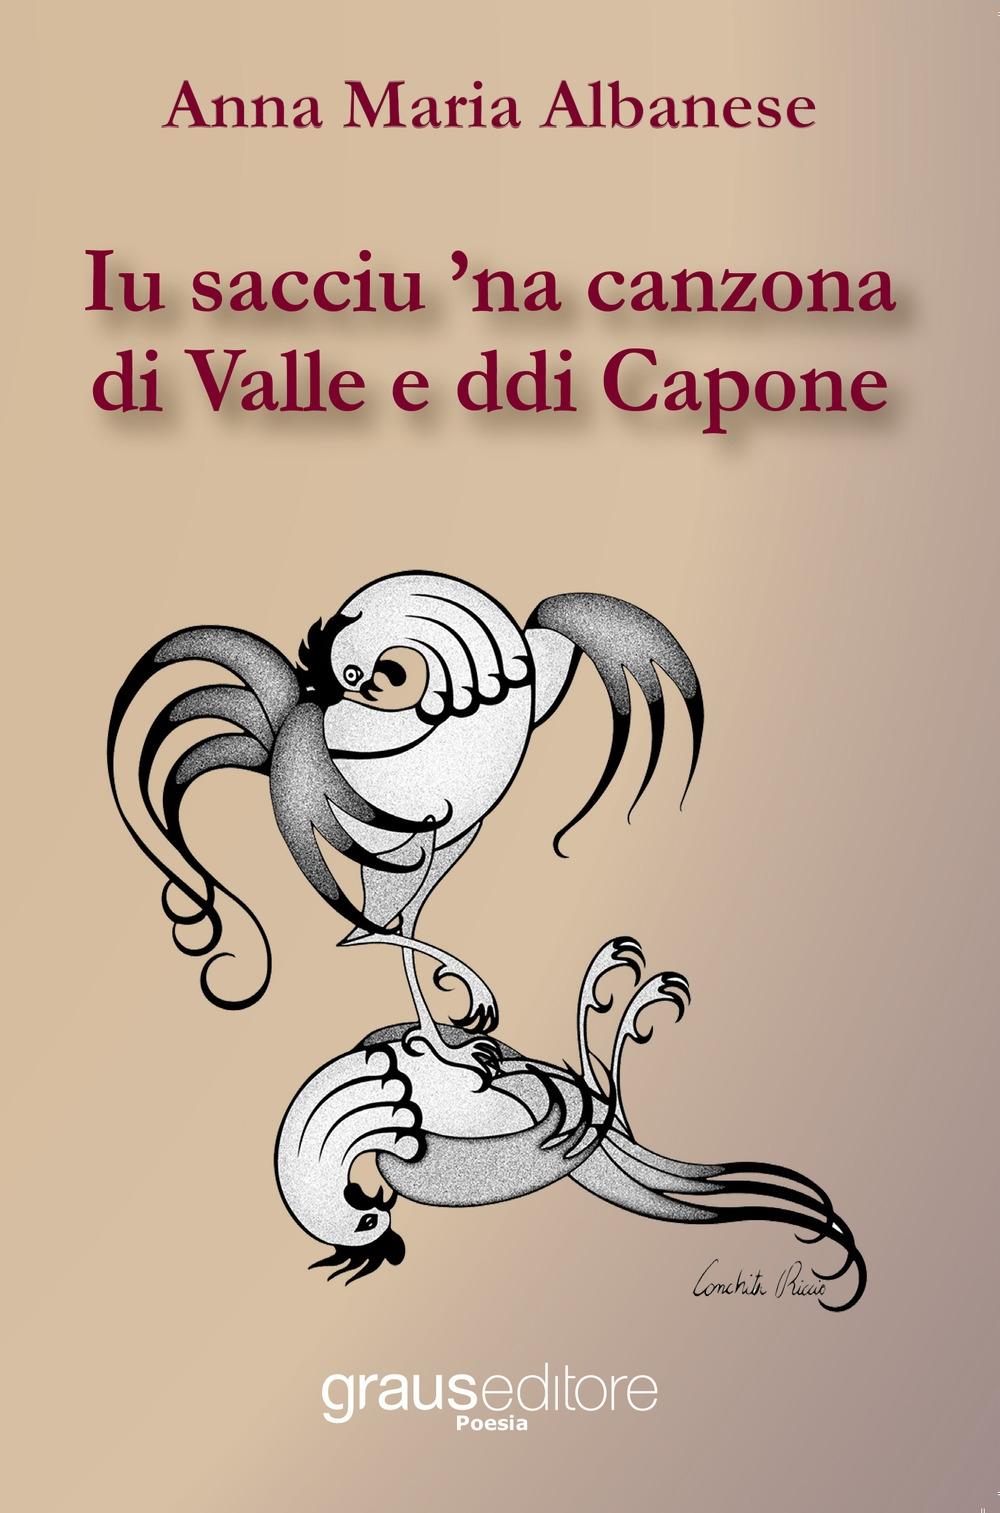 Iu sacciu 'na canzona di Valle e ddi Capone